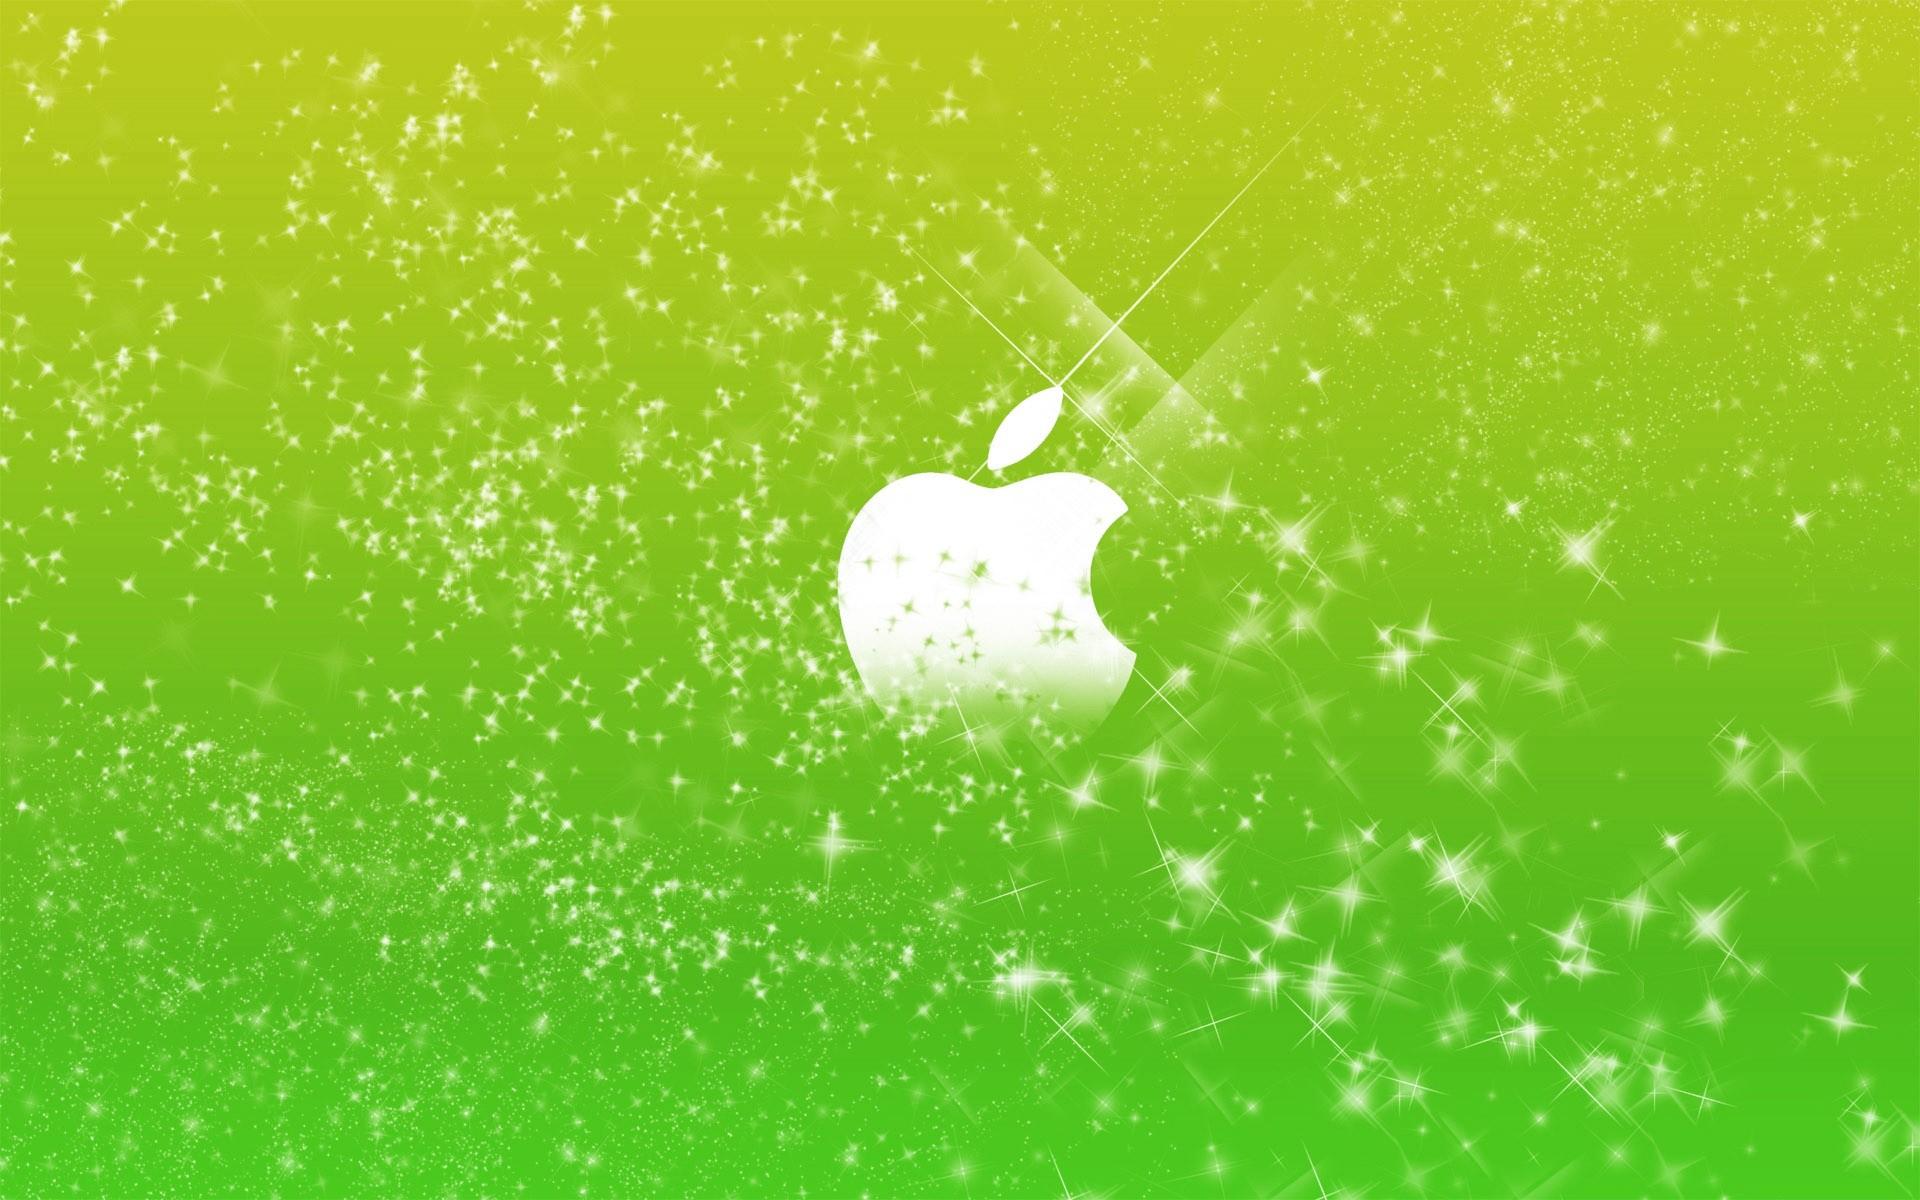 Apple Logo in Green Glitters